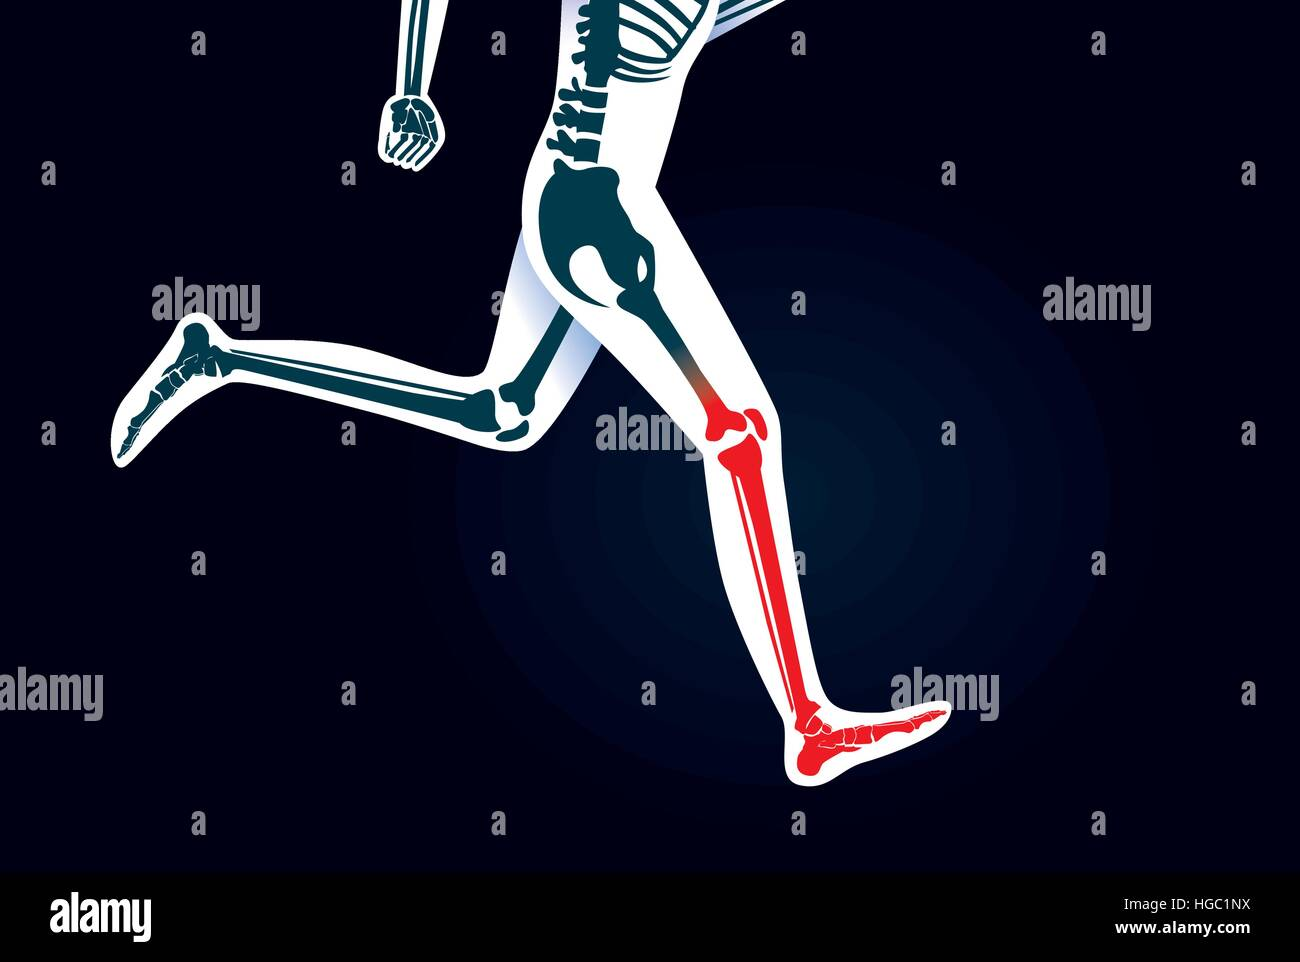 Menschliche Knochen und Fuß während laufen haben ein rotes Signal ...